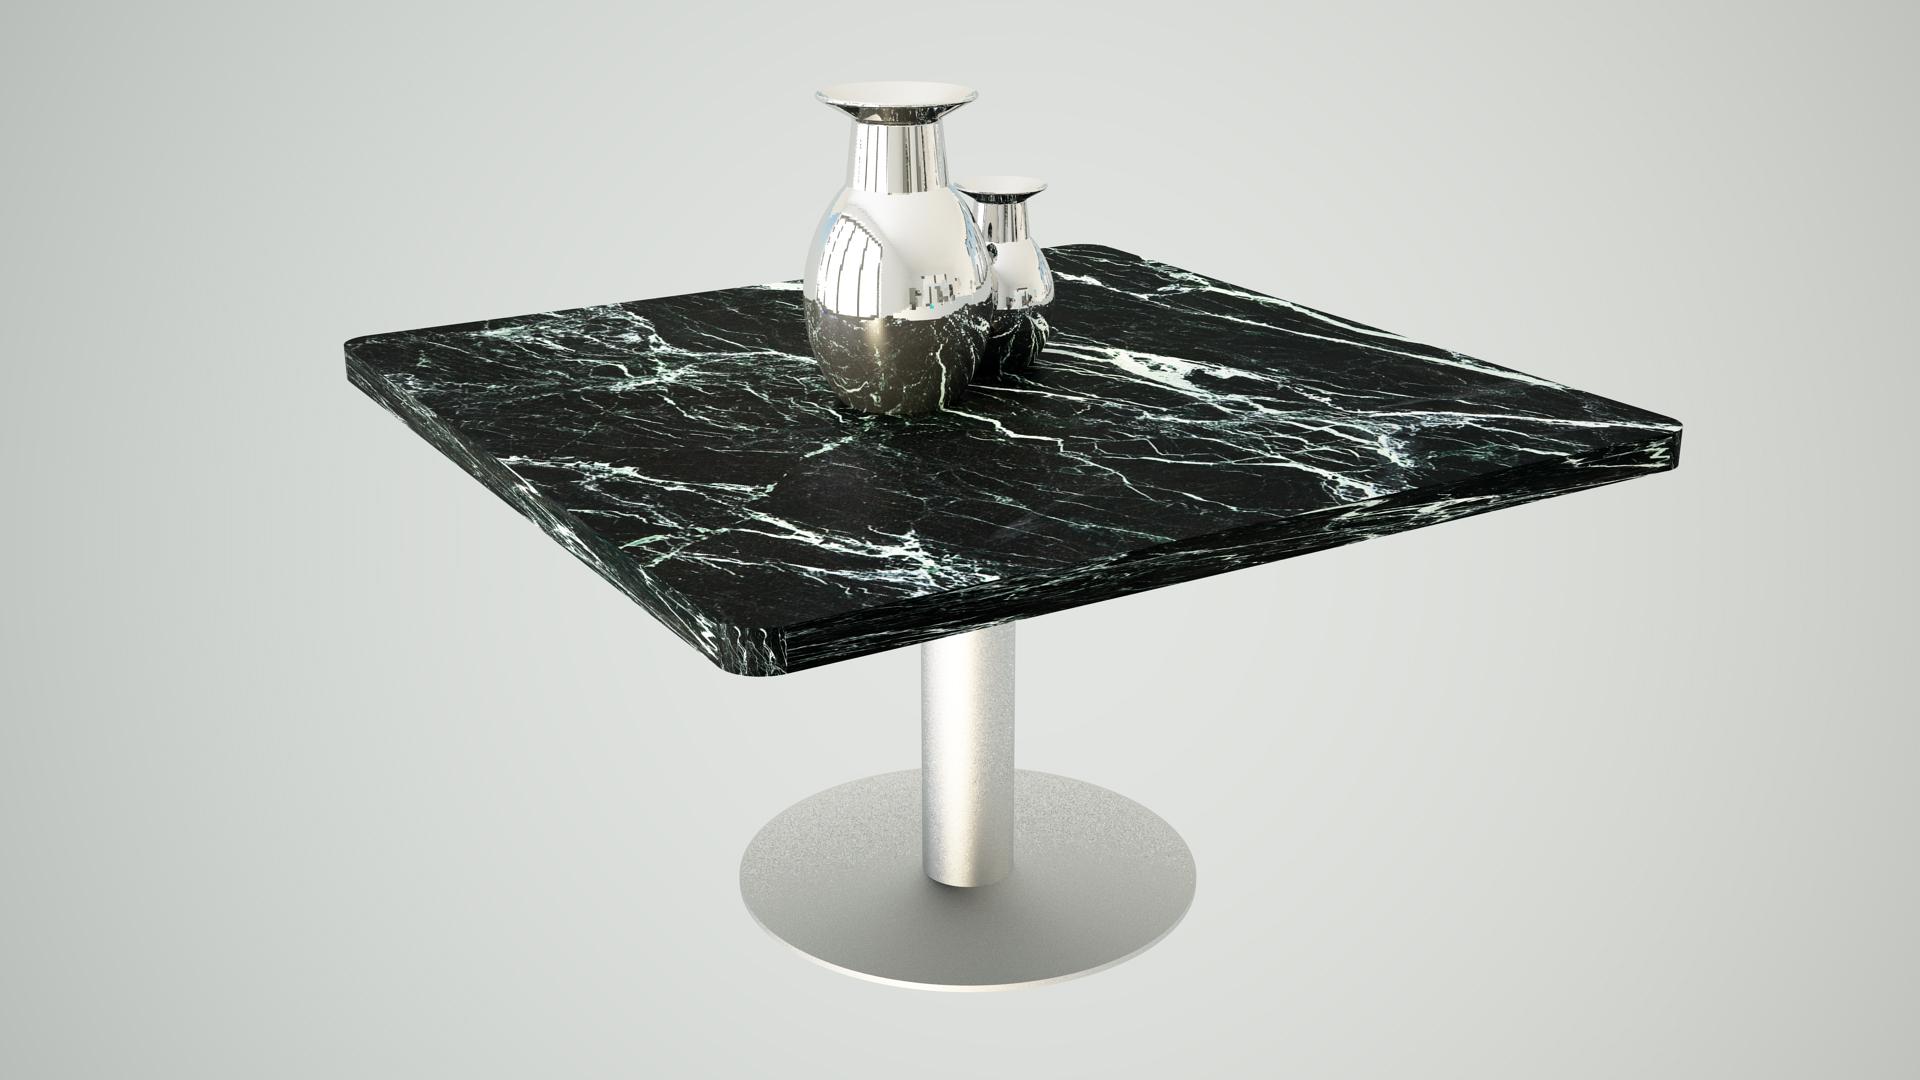 couchtisch weiss marmor optik. Black Bedroom Furniture Sets. Home Design Ideas